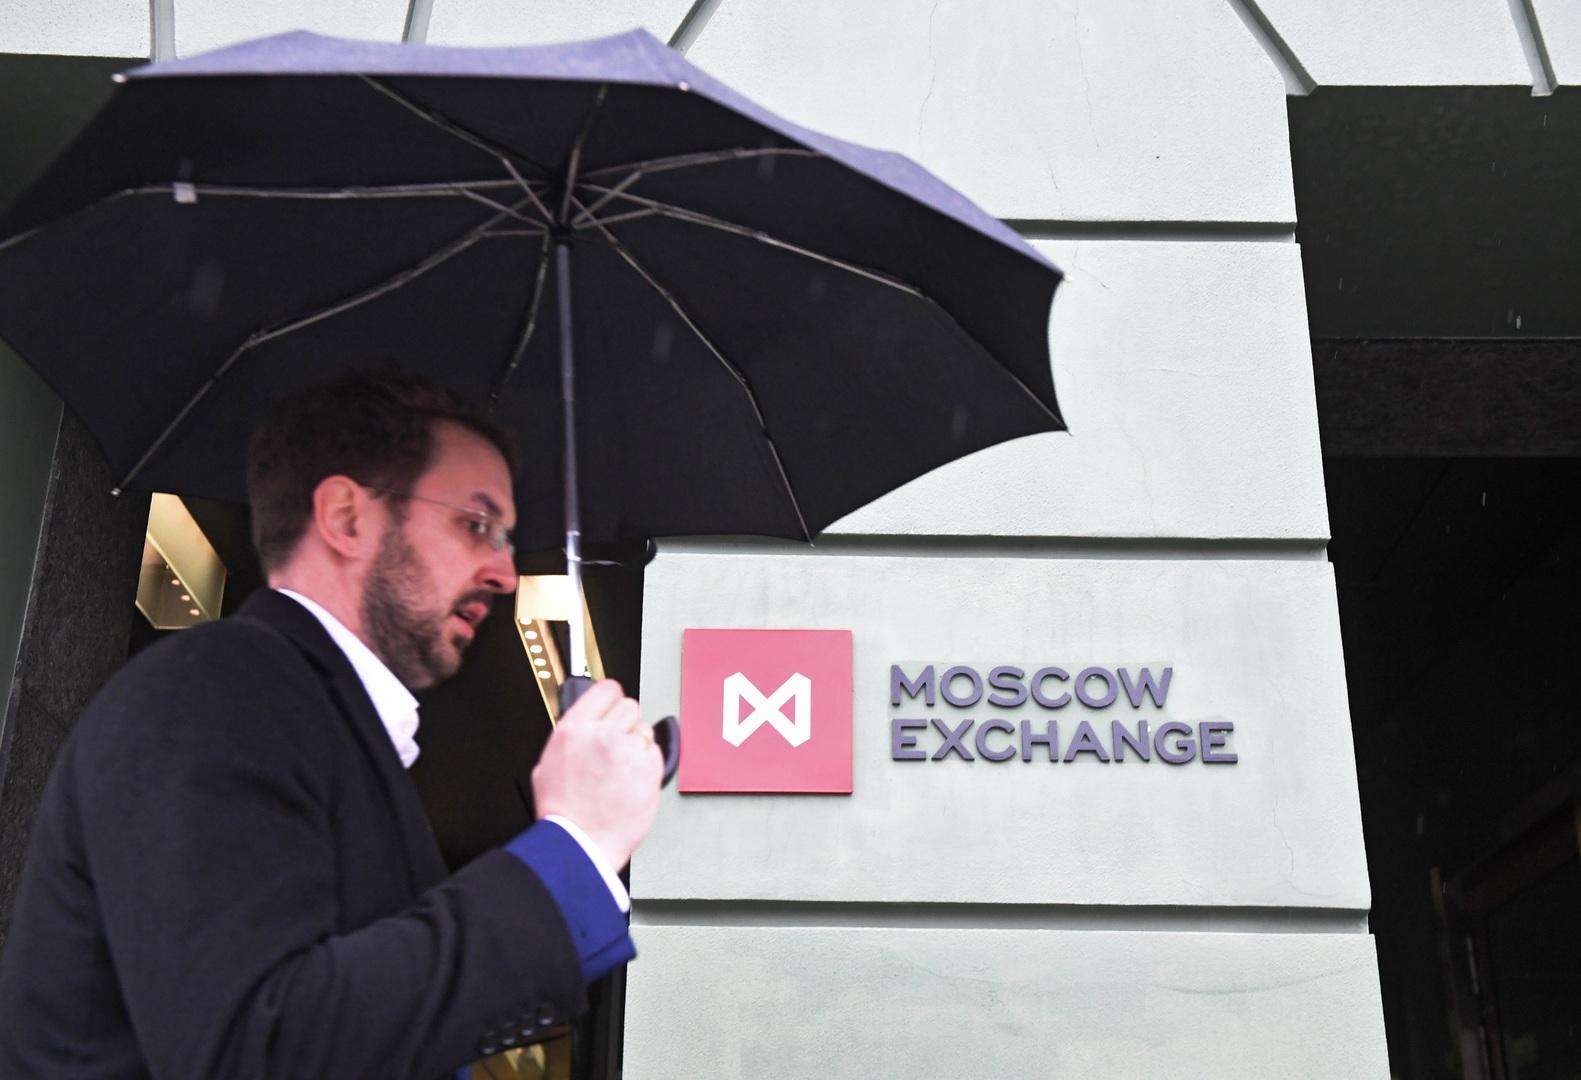 بورصة موسكو تتلون بالأحمر